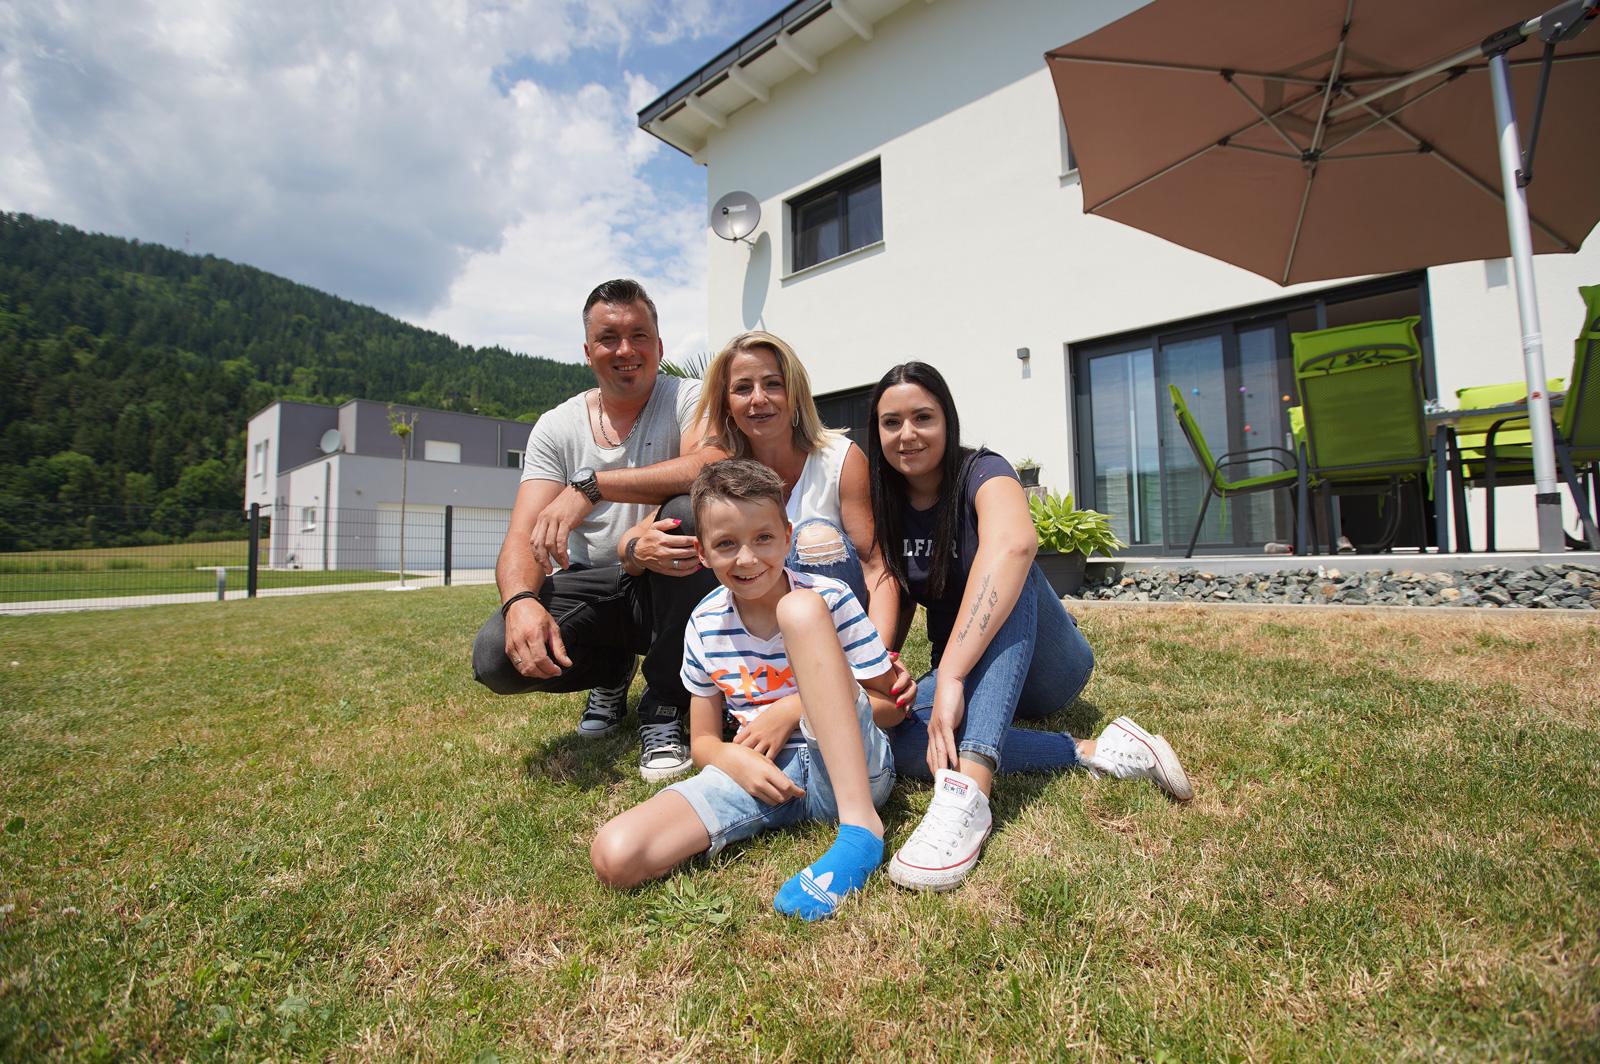 Familie Schweiger erfüllte sich den Traum von eigenen Haus mit Wüstenrot.